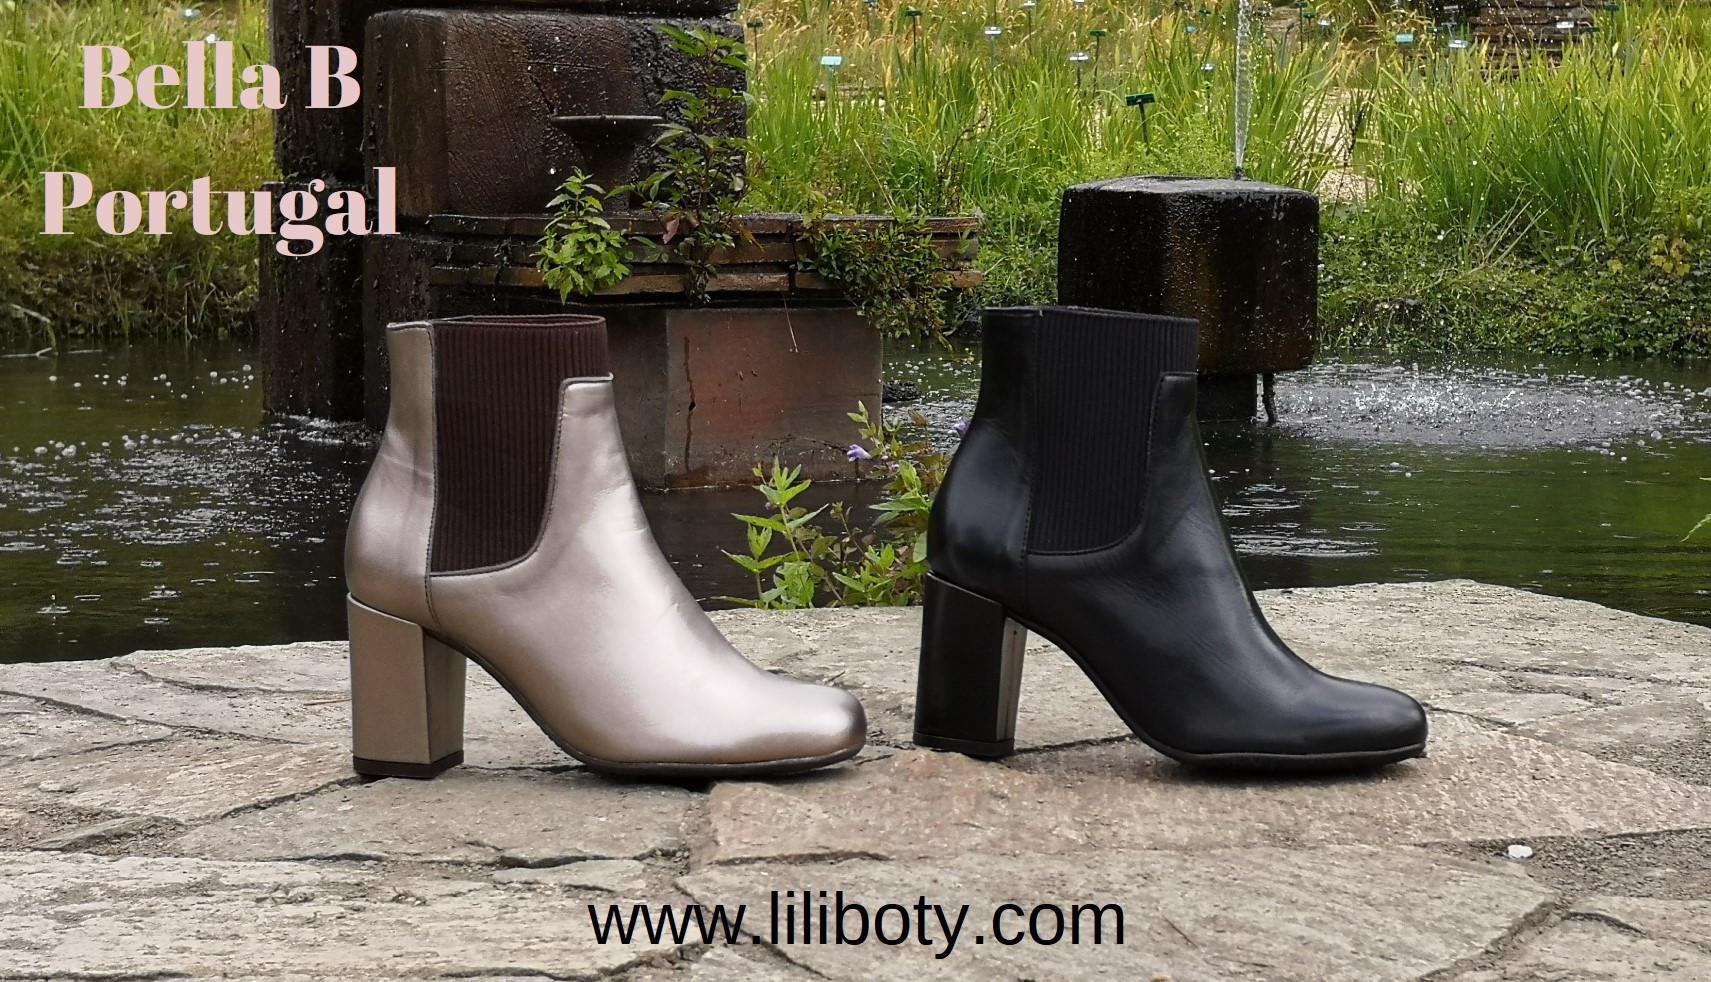 Chaussures petites pointures femmes du 30 au 41. Livraison